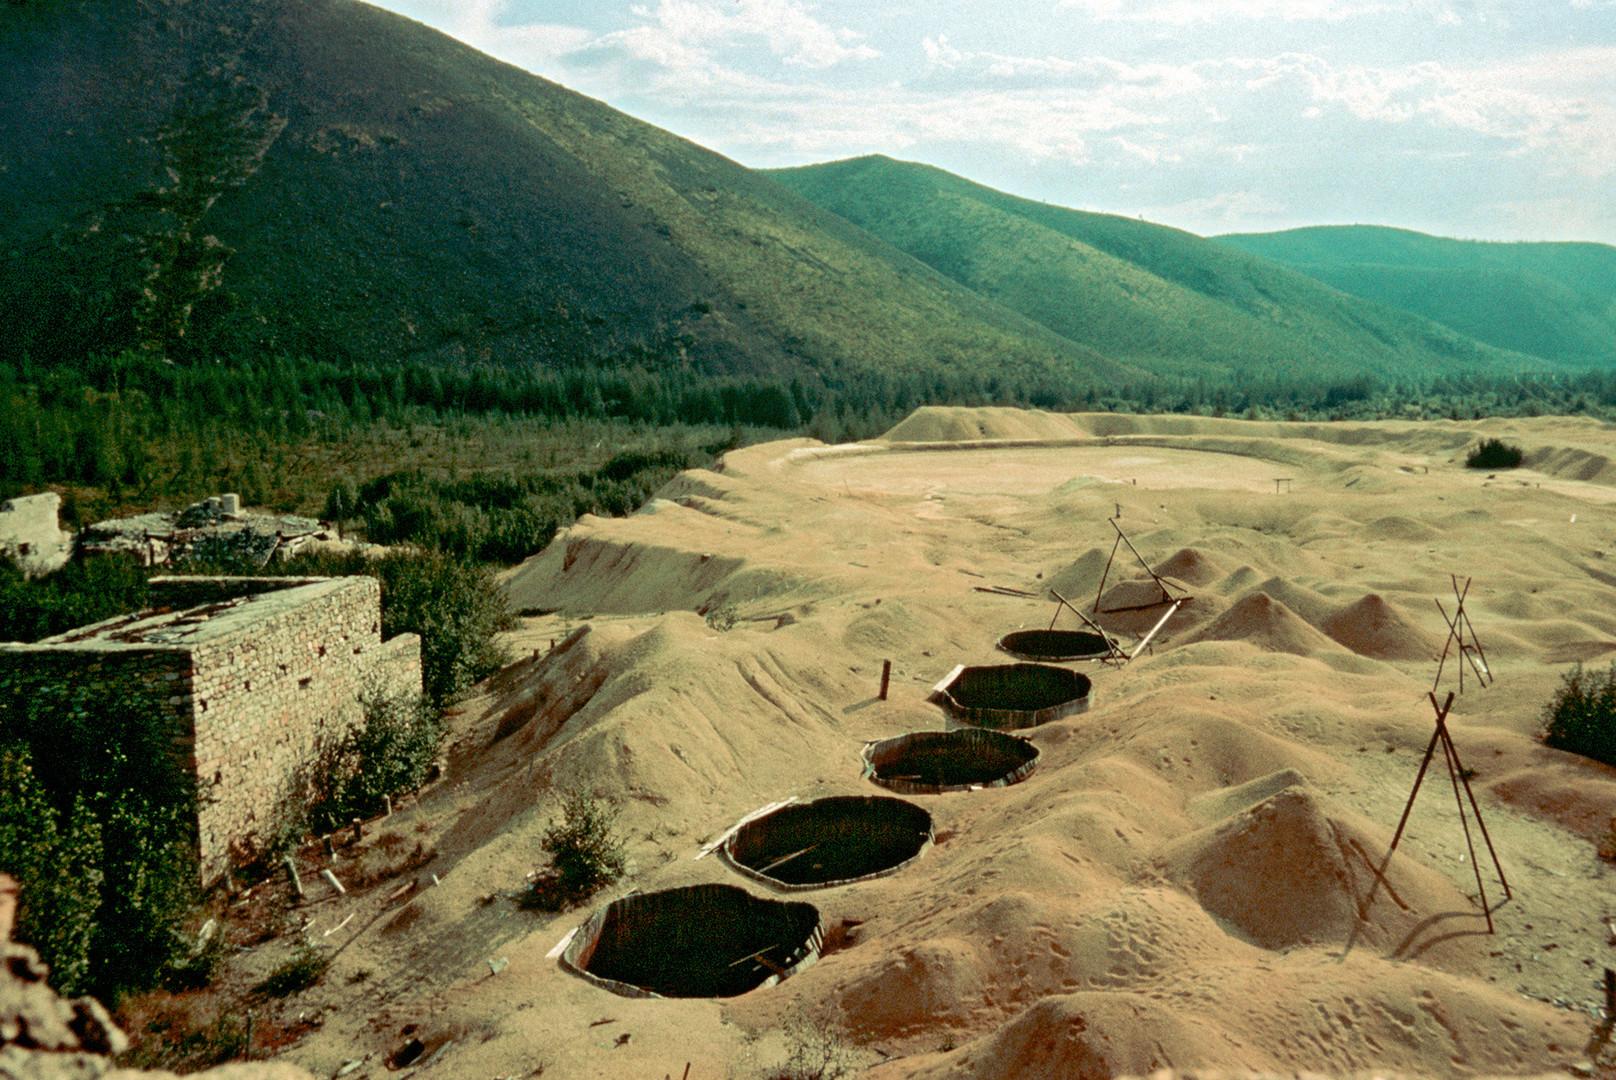 Много затворници в лагера Бутугичаг умират, произвждайки калай и уран ръчно, без всякаква защитна екипировка, в завода за обогатяване на уранова руда.